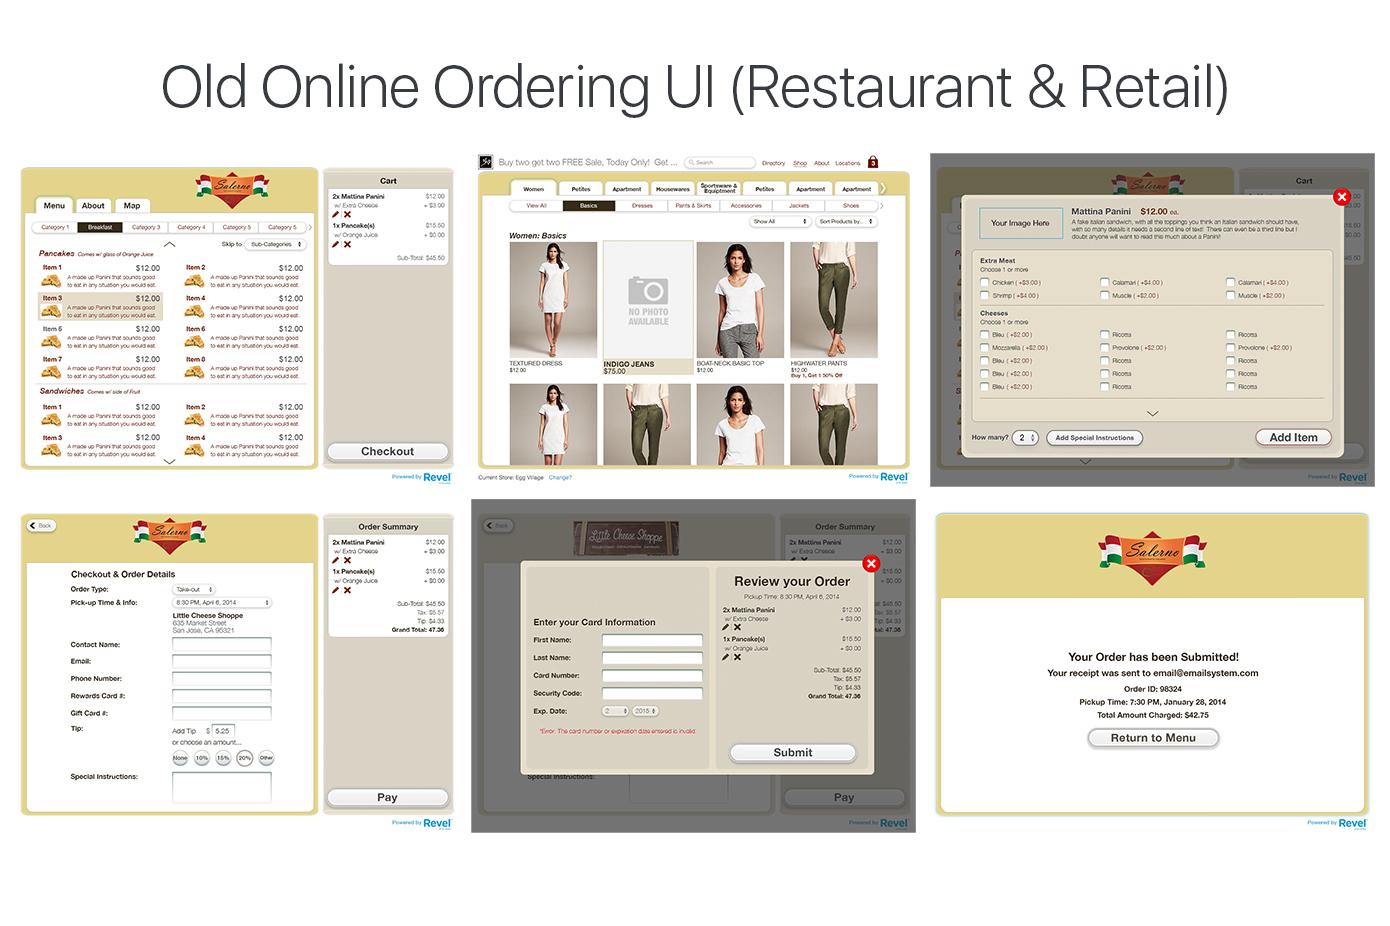 Old Online Ordering UI